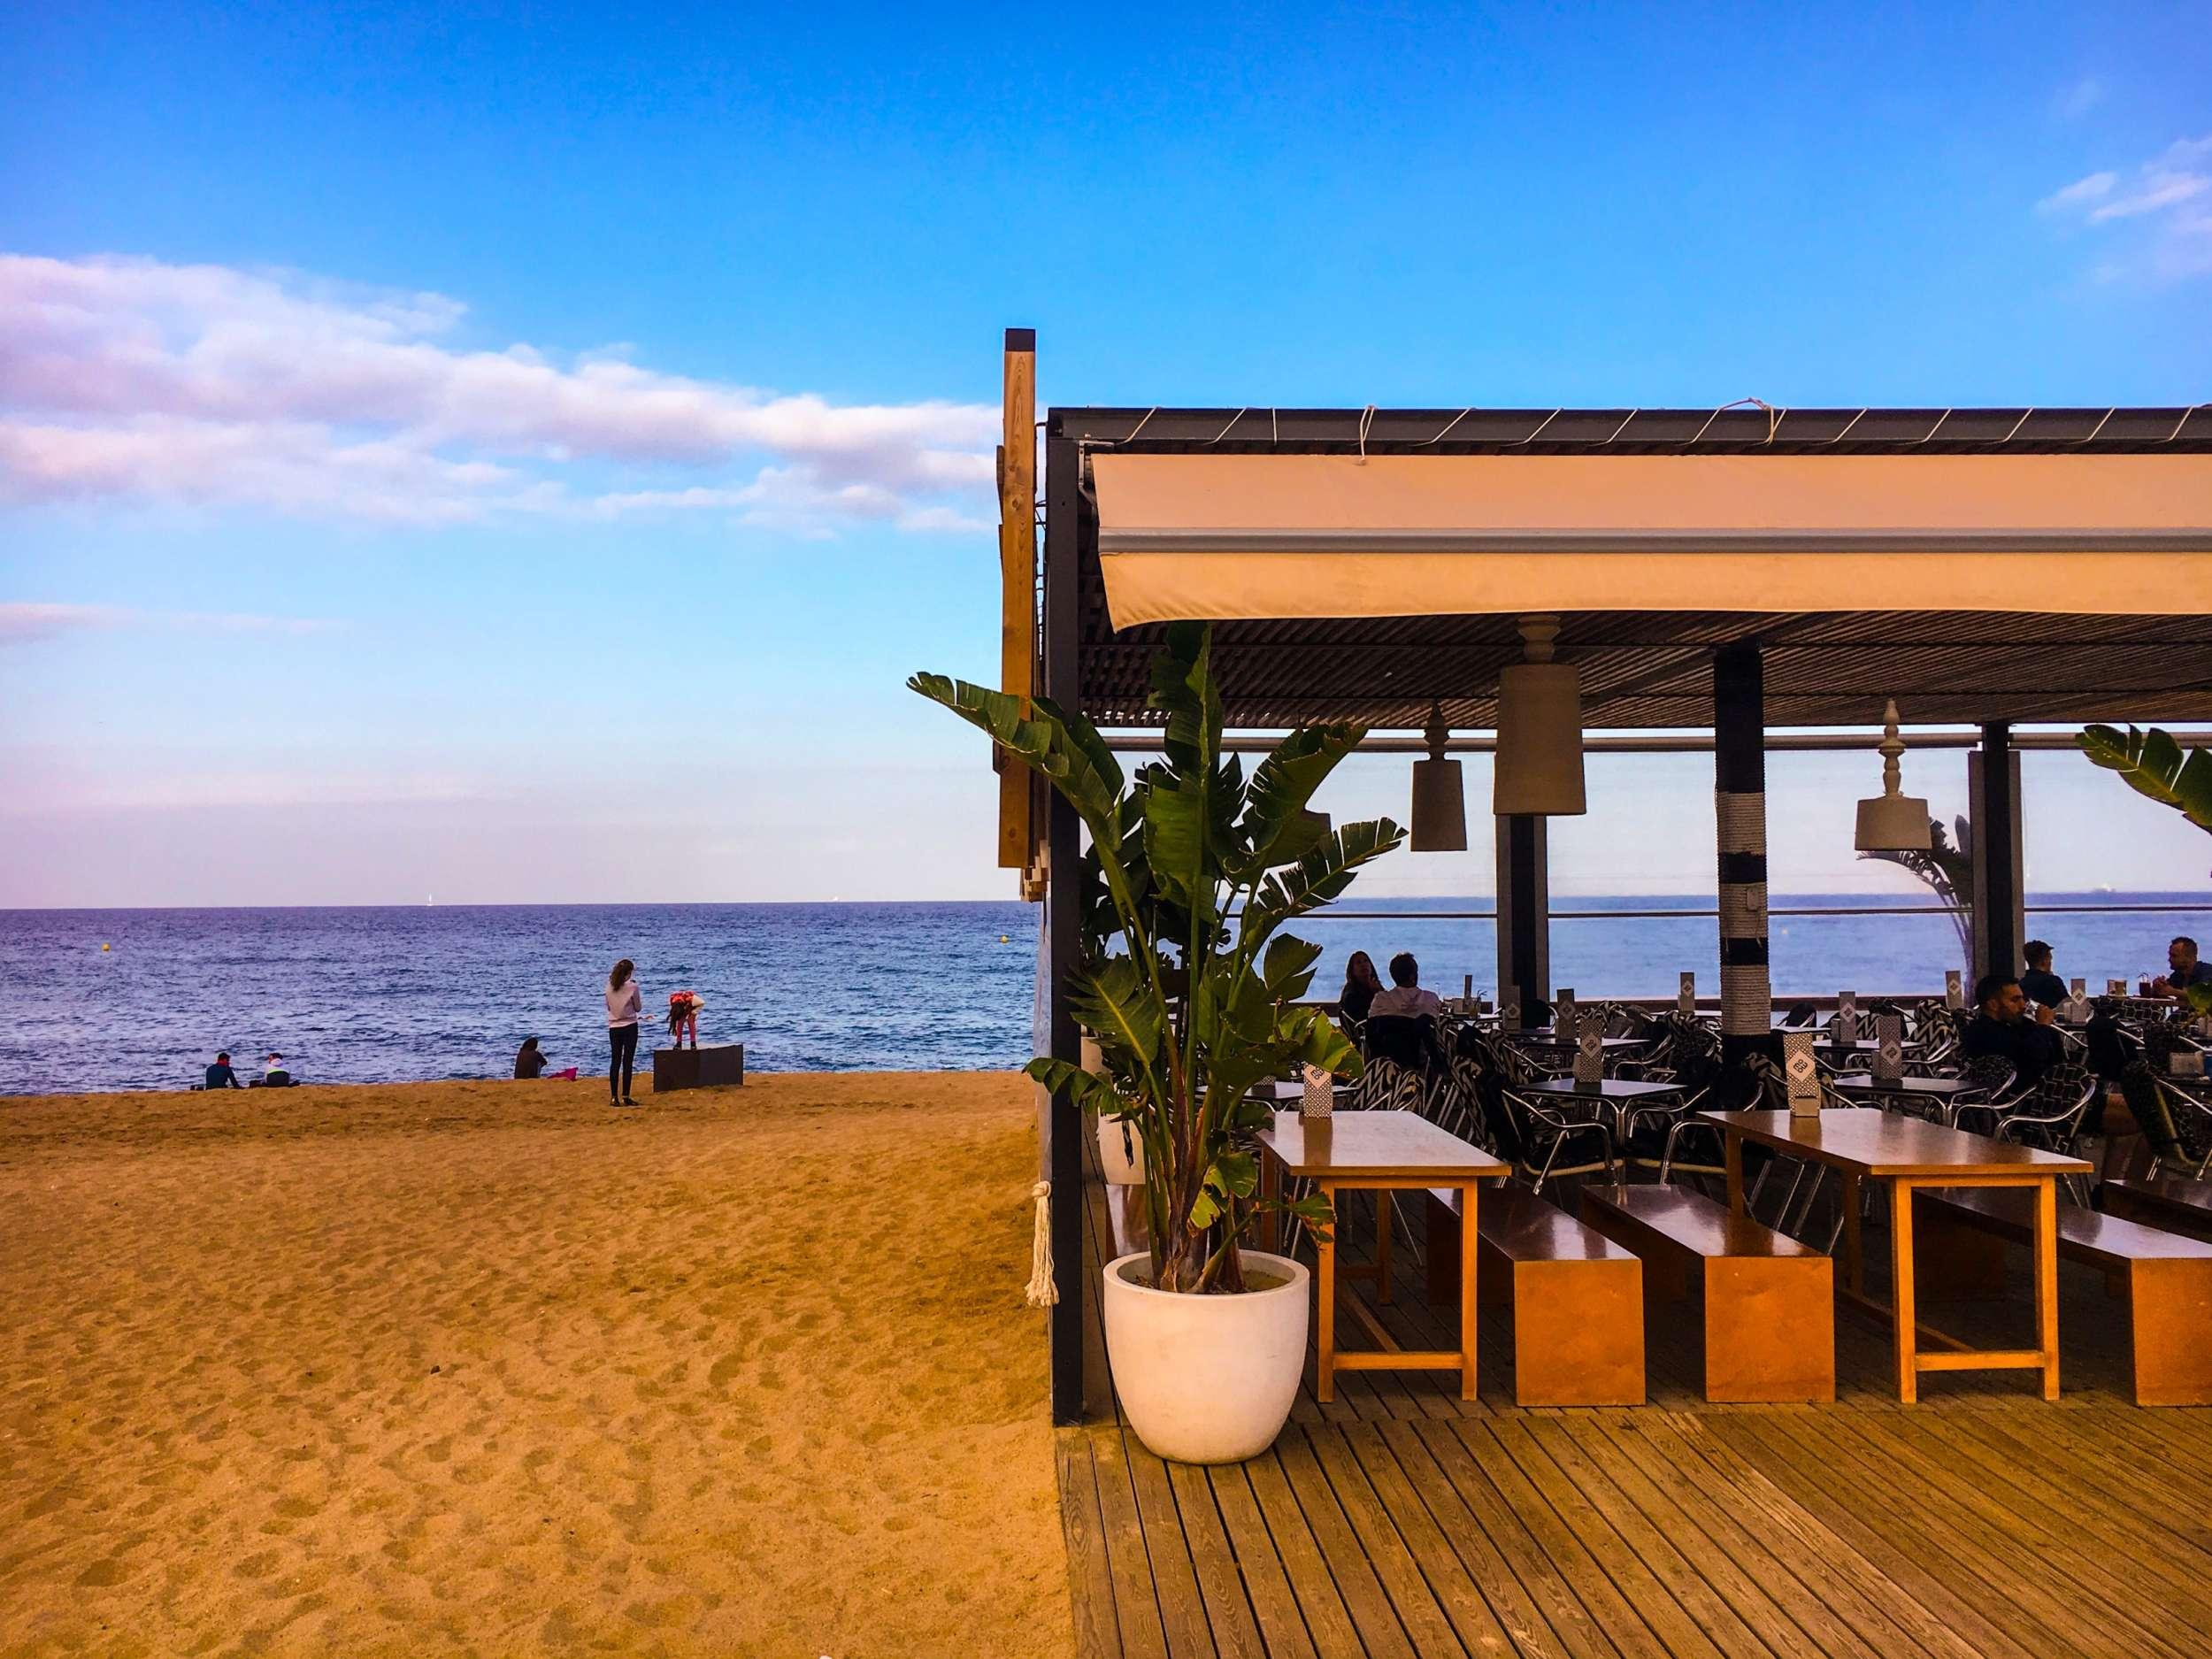 Chiringuito Barceloneta Beach Barcelona